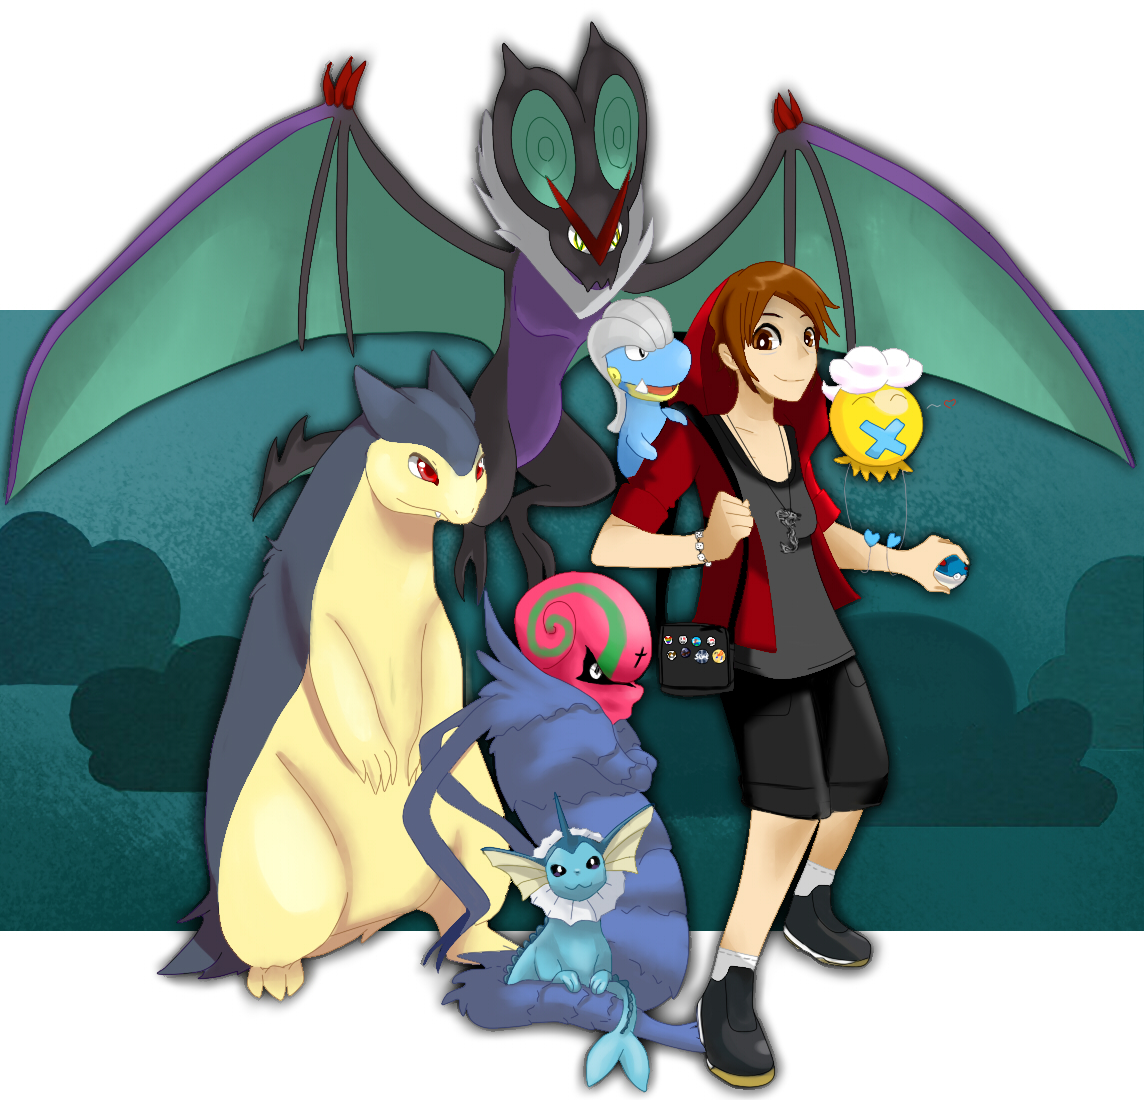 Pokémon-Zeichnung: Ich als Pokemon Trainer